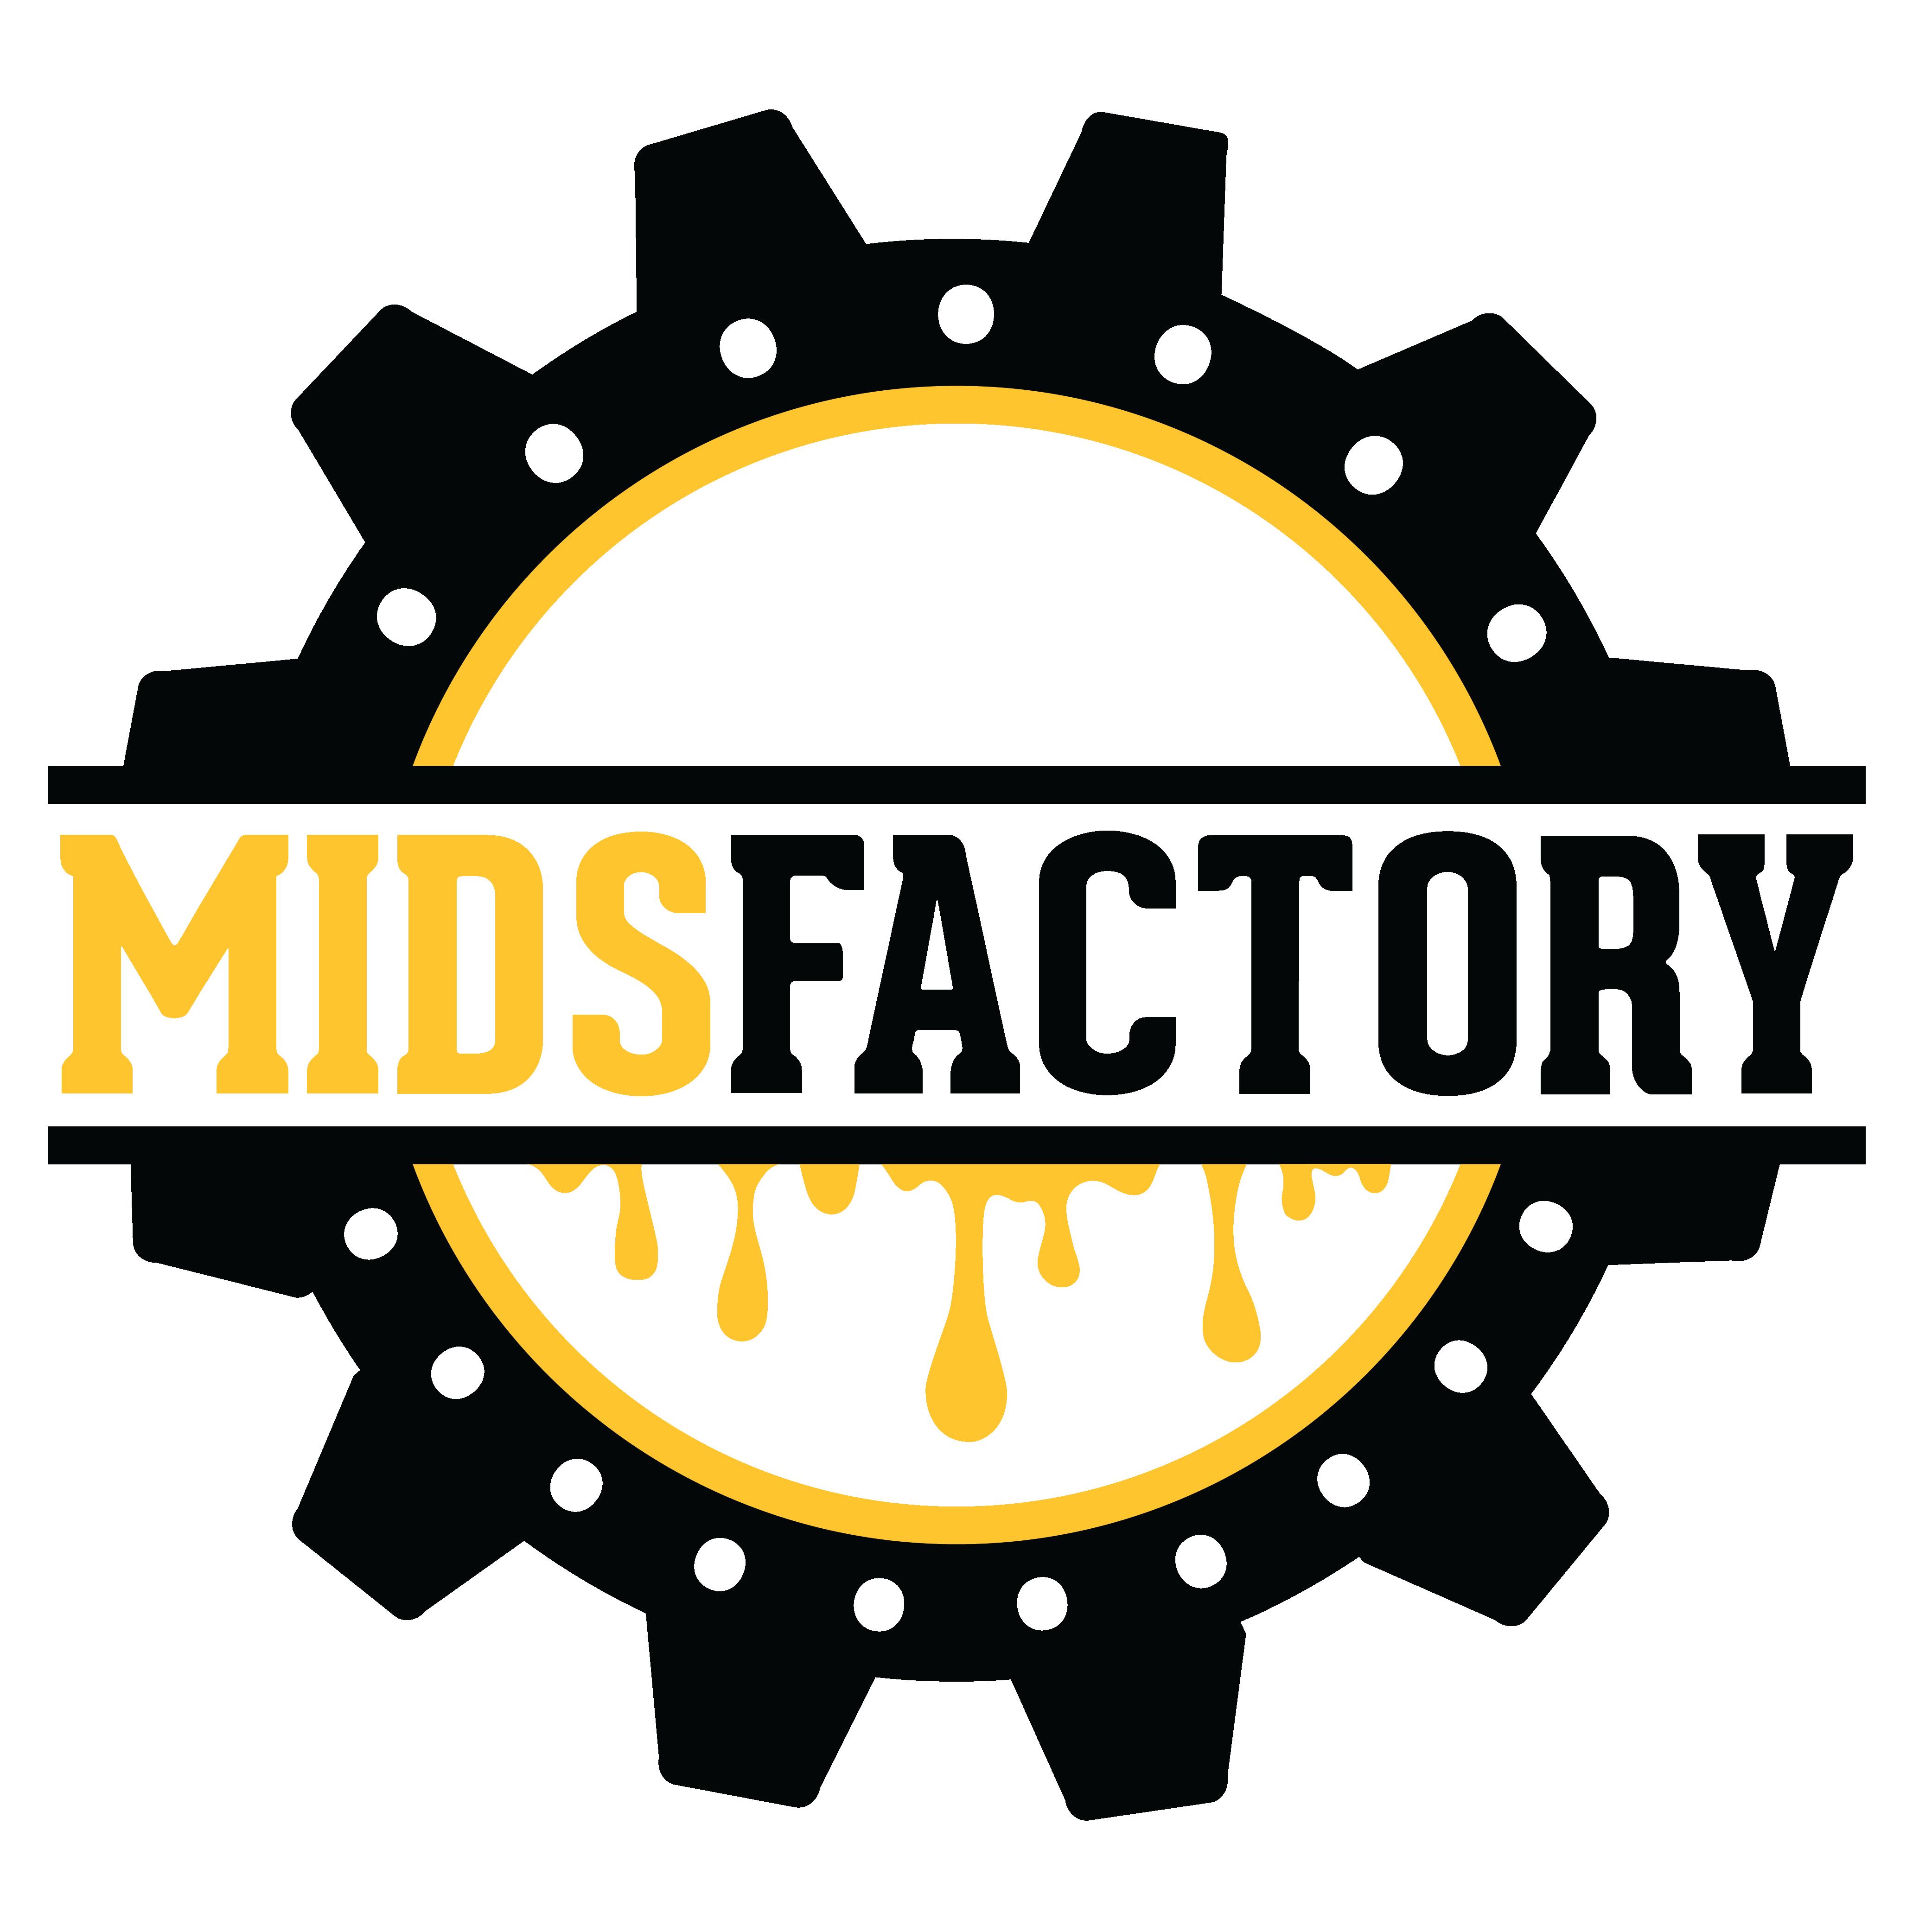 Midsfactory